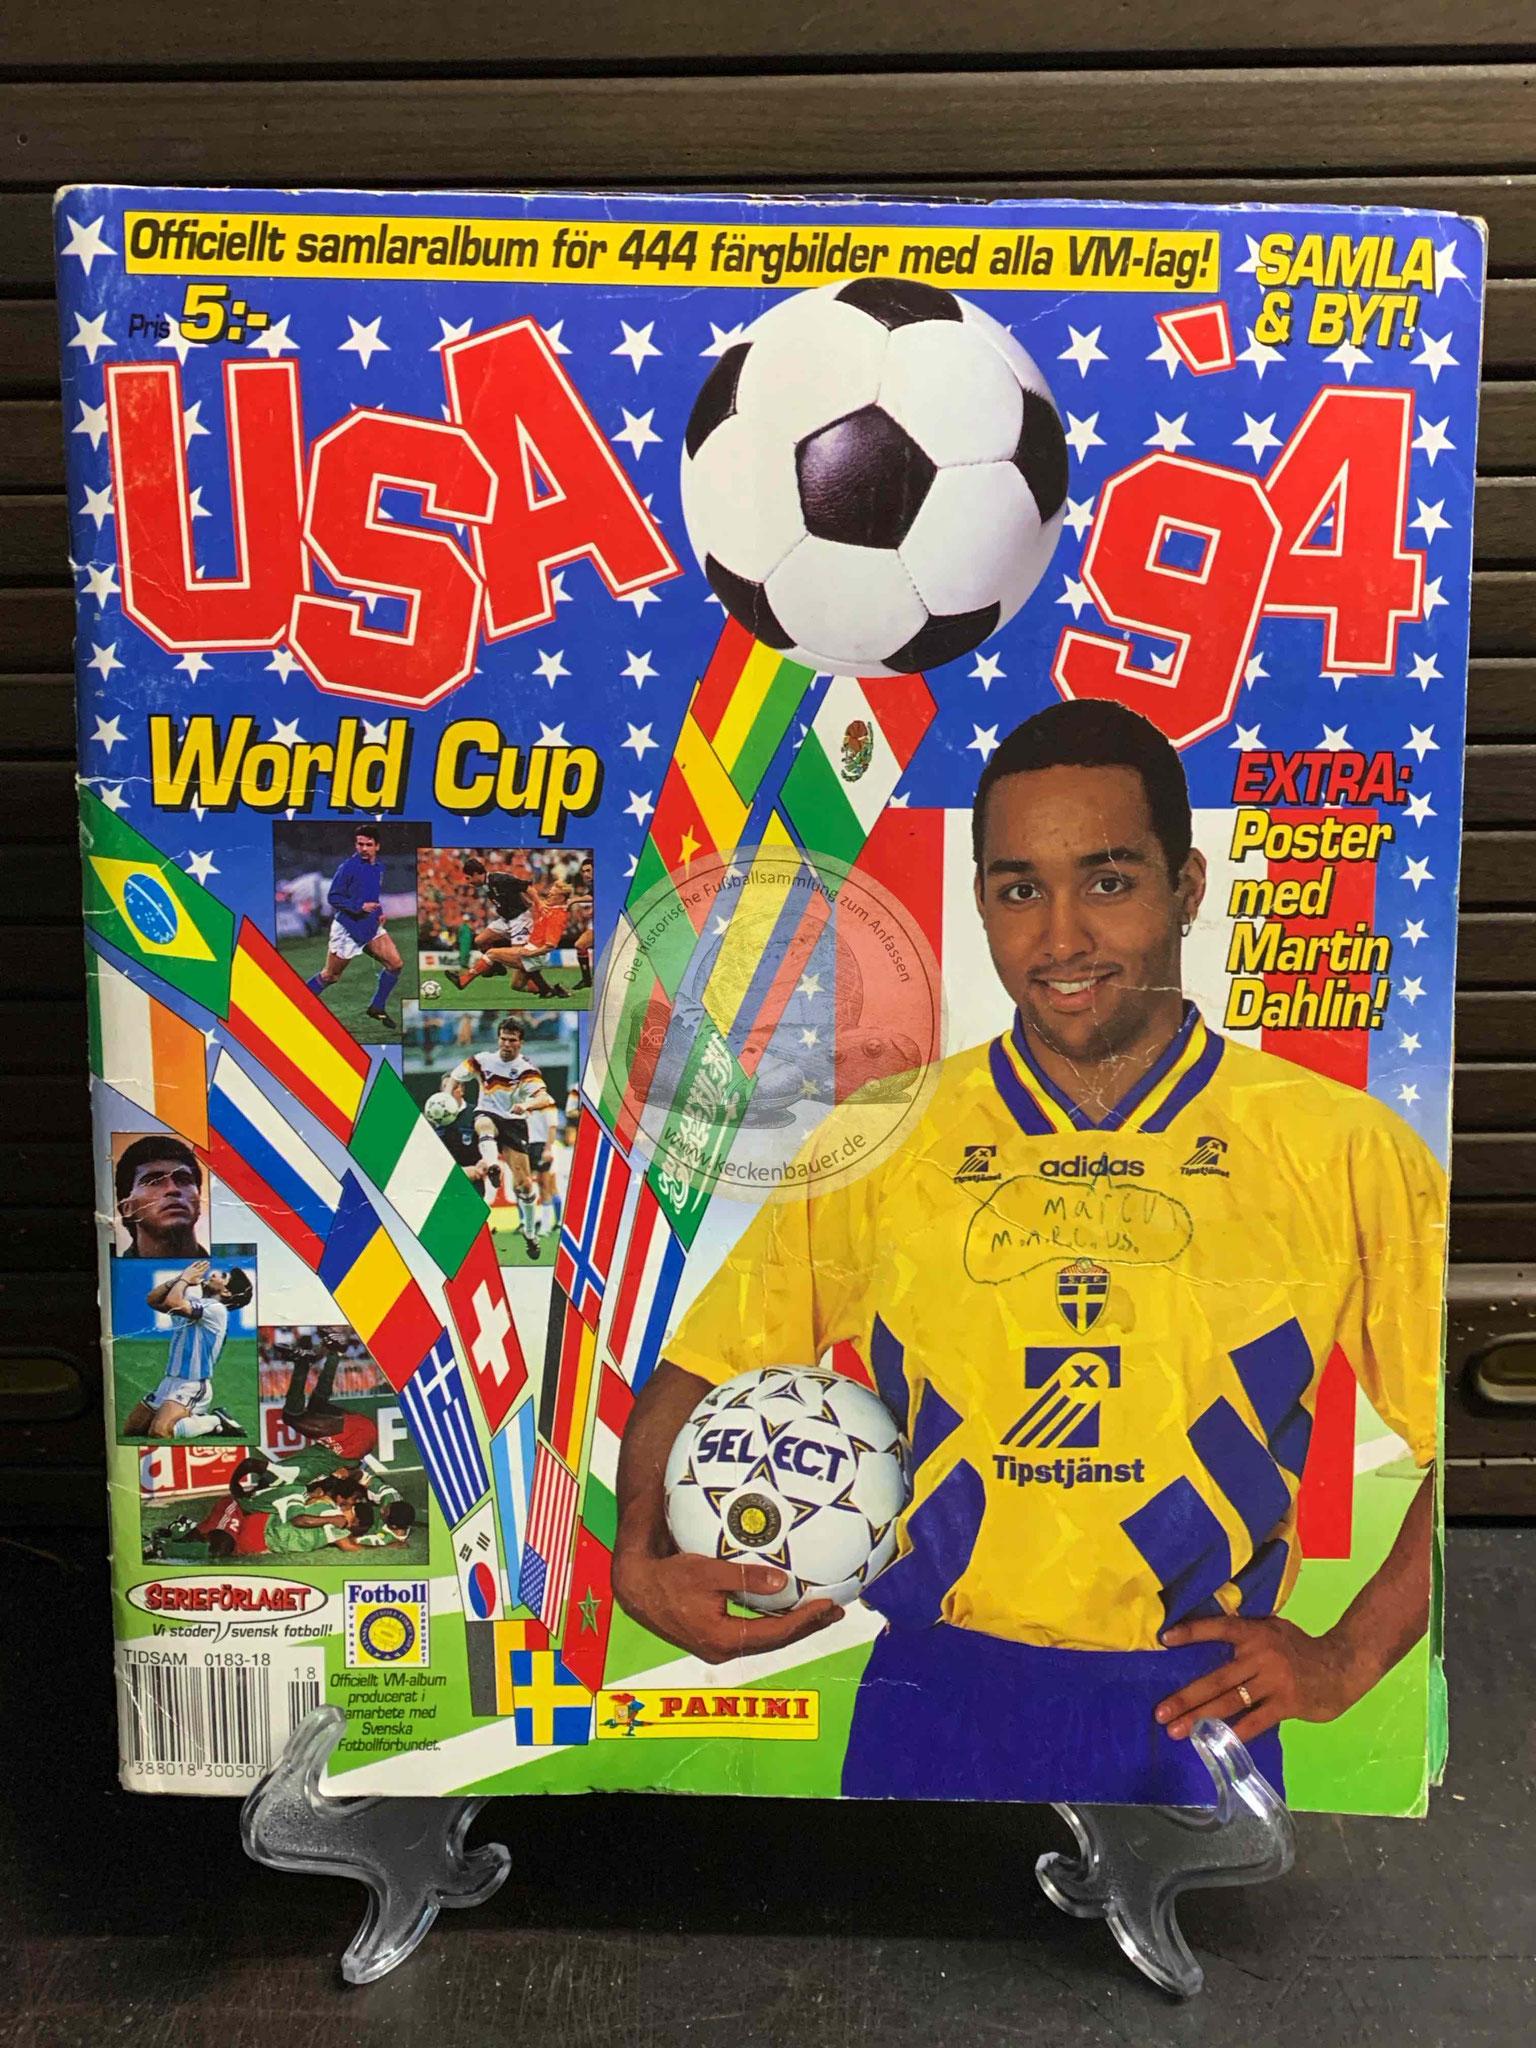 Panini Album von der WM 1994 in den USA